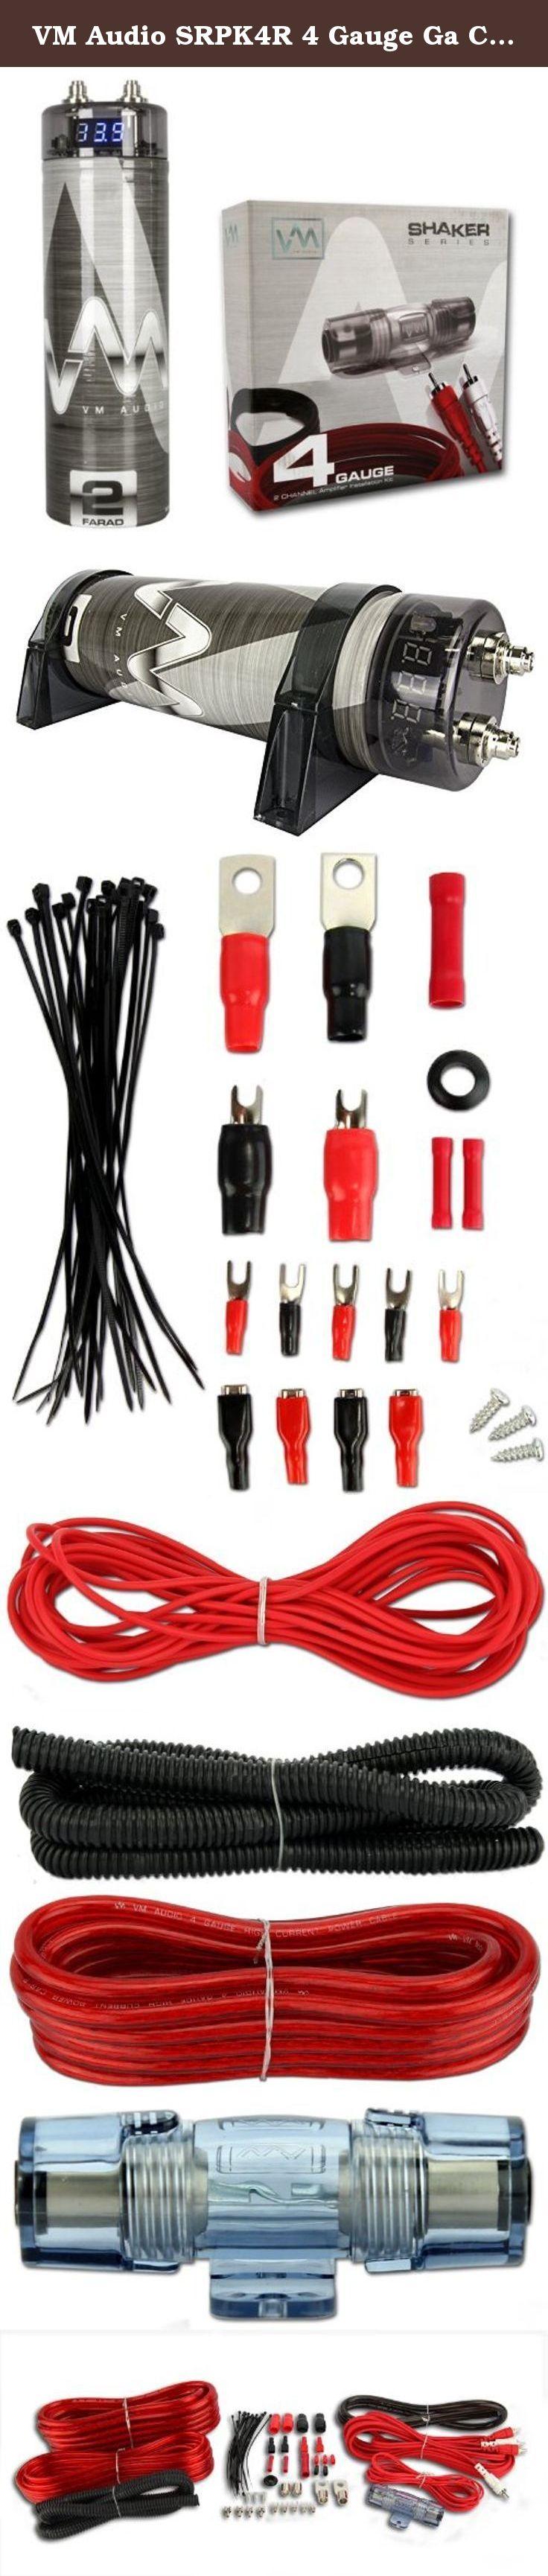 Vm Audio Srpk4r 4 Gauge Ga Car Amplifier Amp Wiring Kit  2